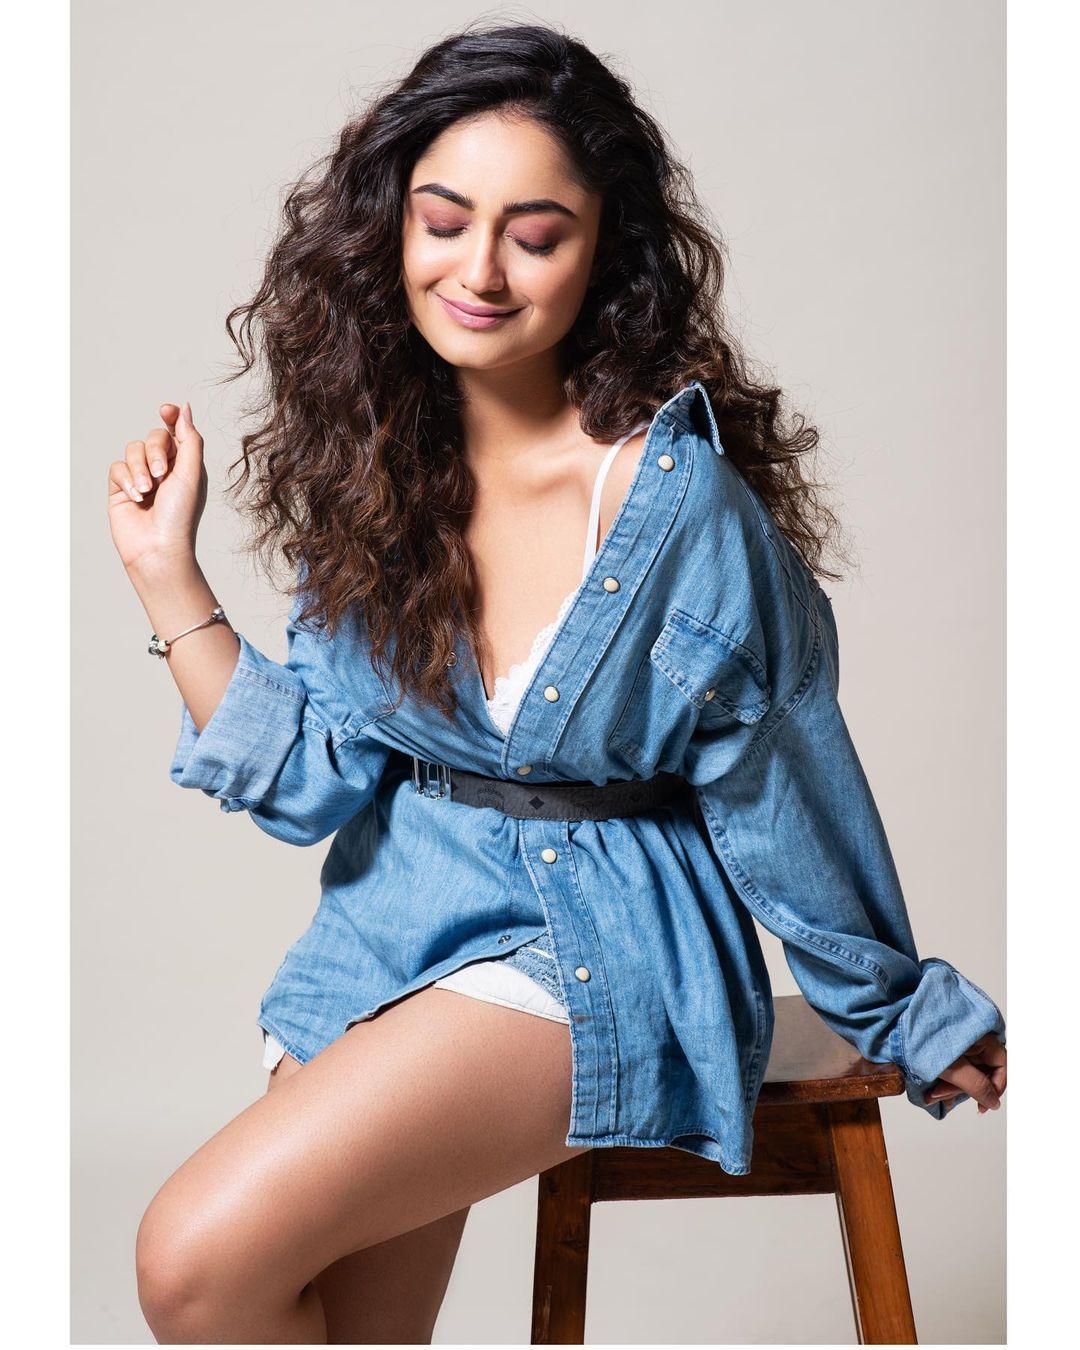 Tridha Choudhury cute Photos